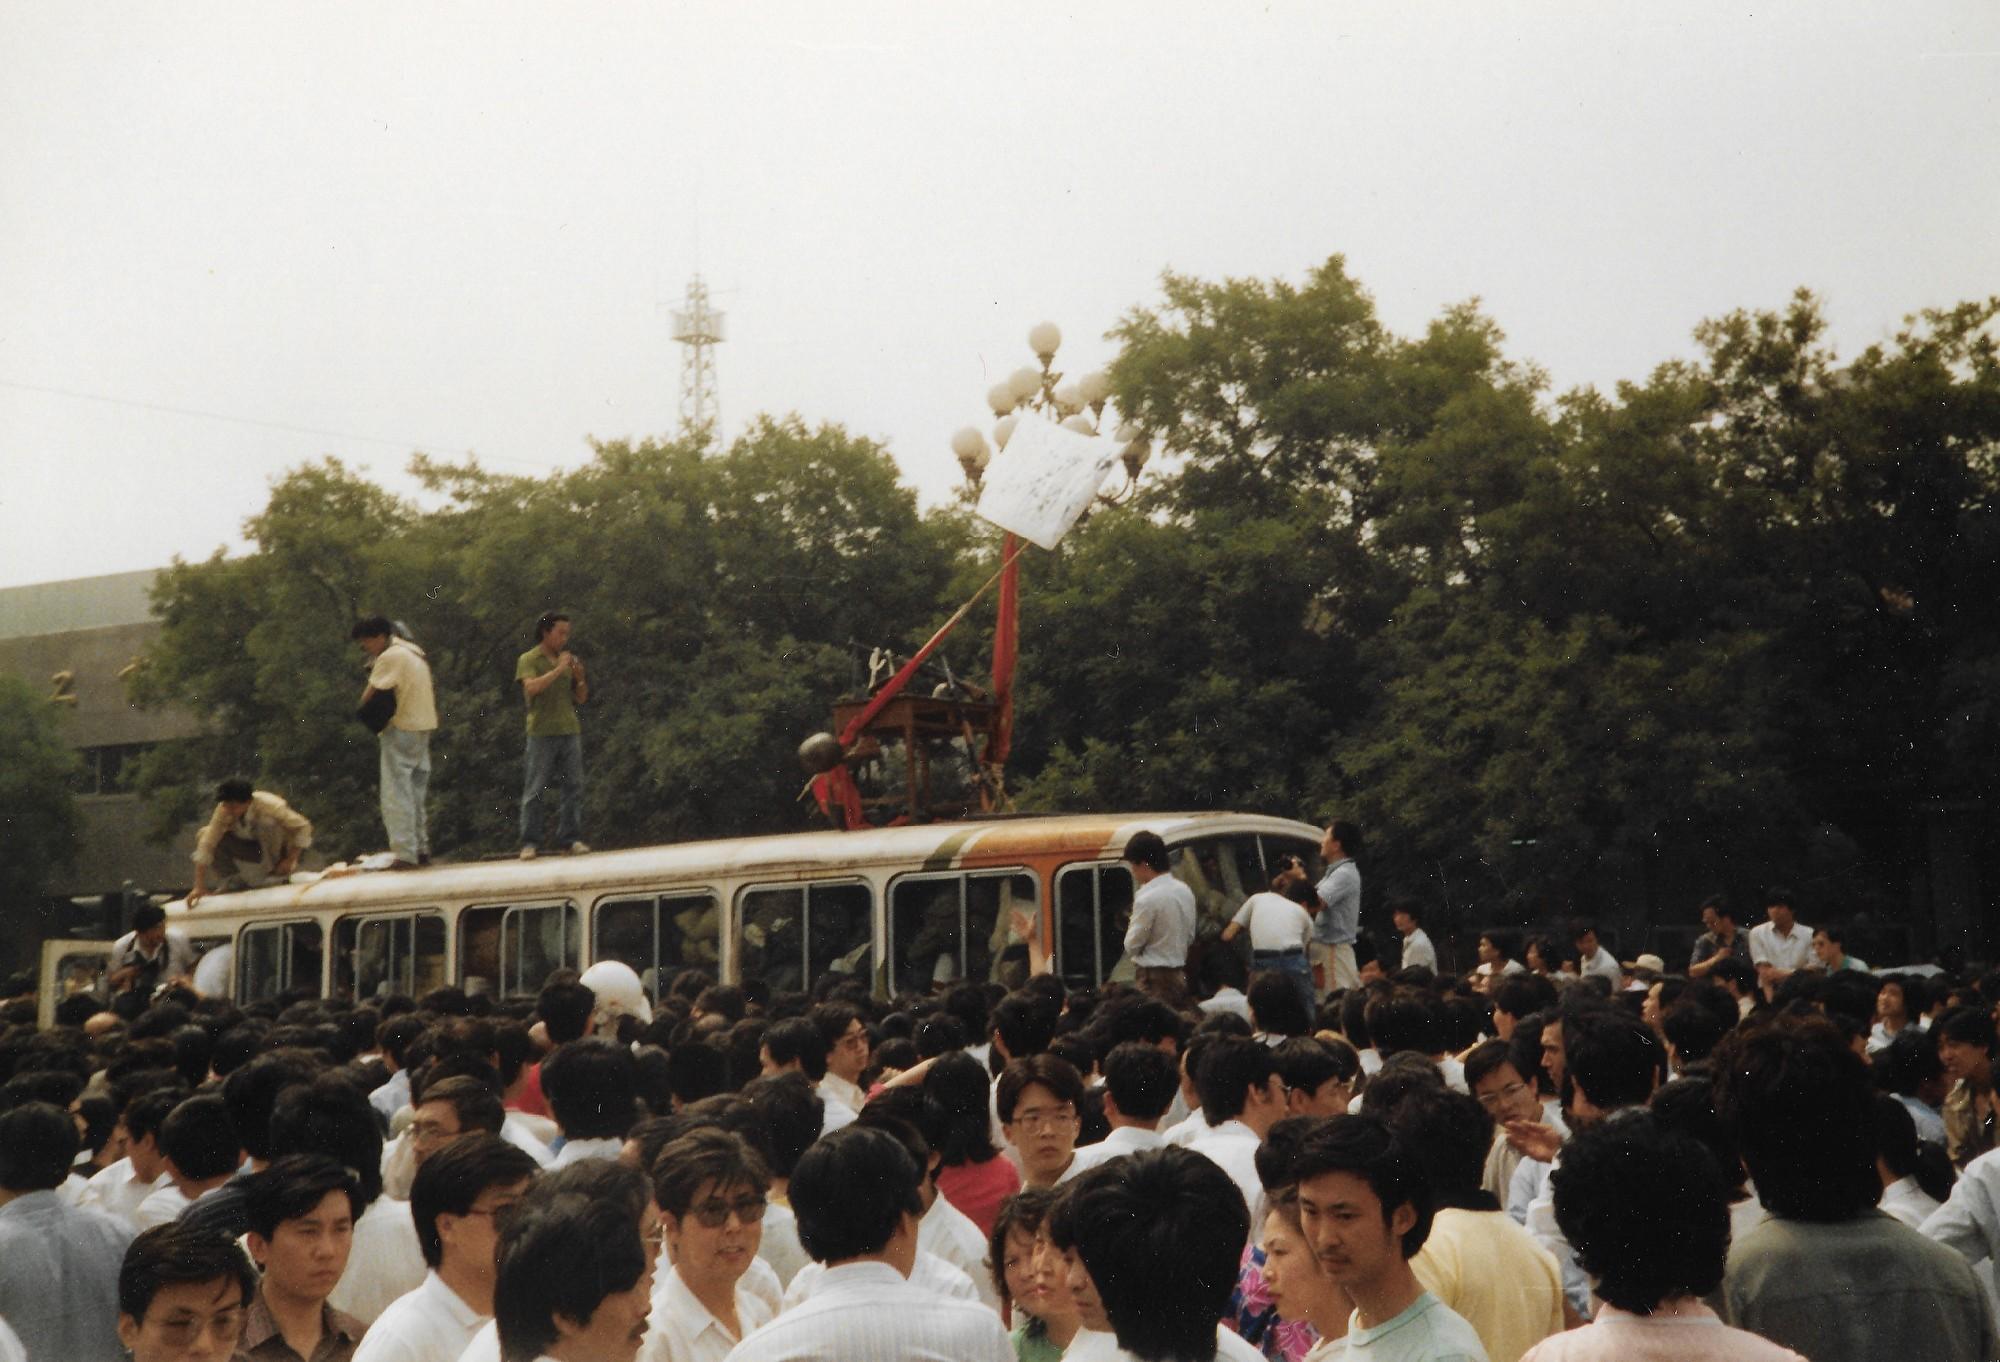 1989年6月3日上午,北京市西單路口。學生們展示軍隊攜帶的武器。(王珍提供)